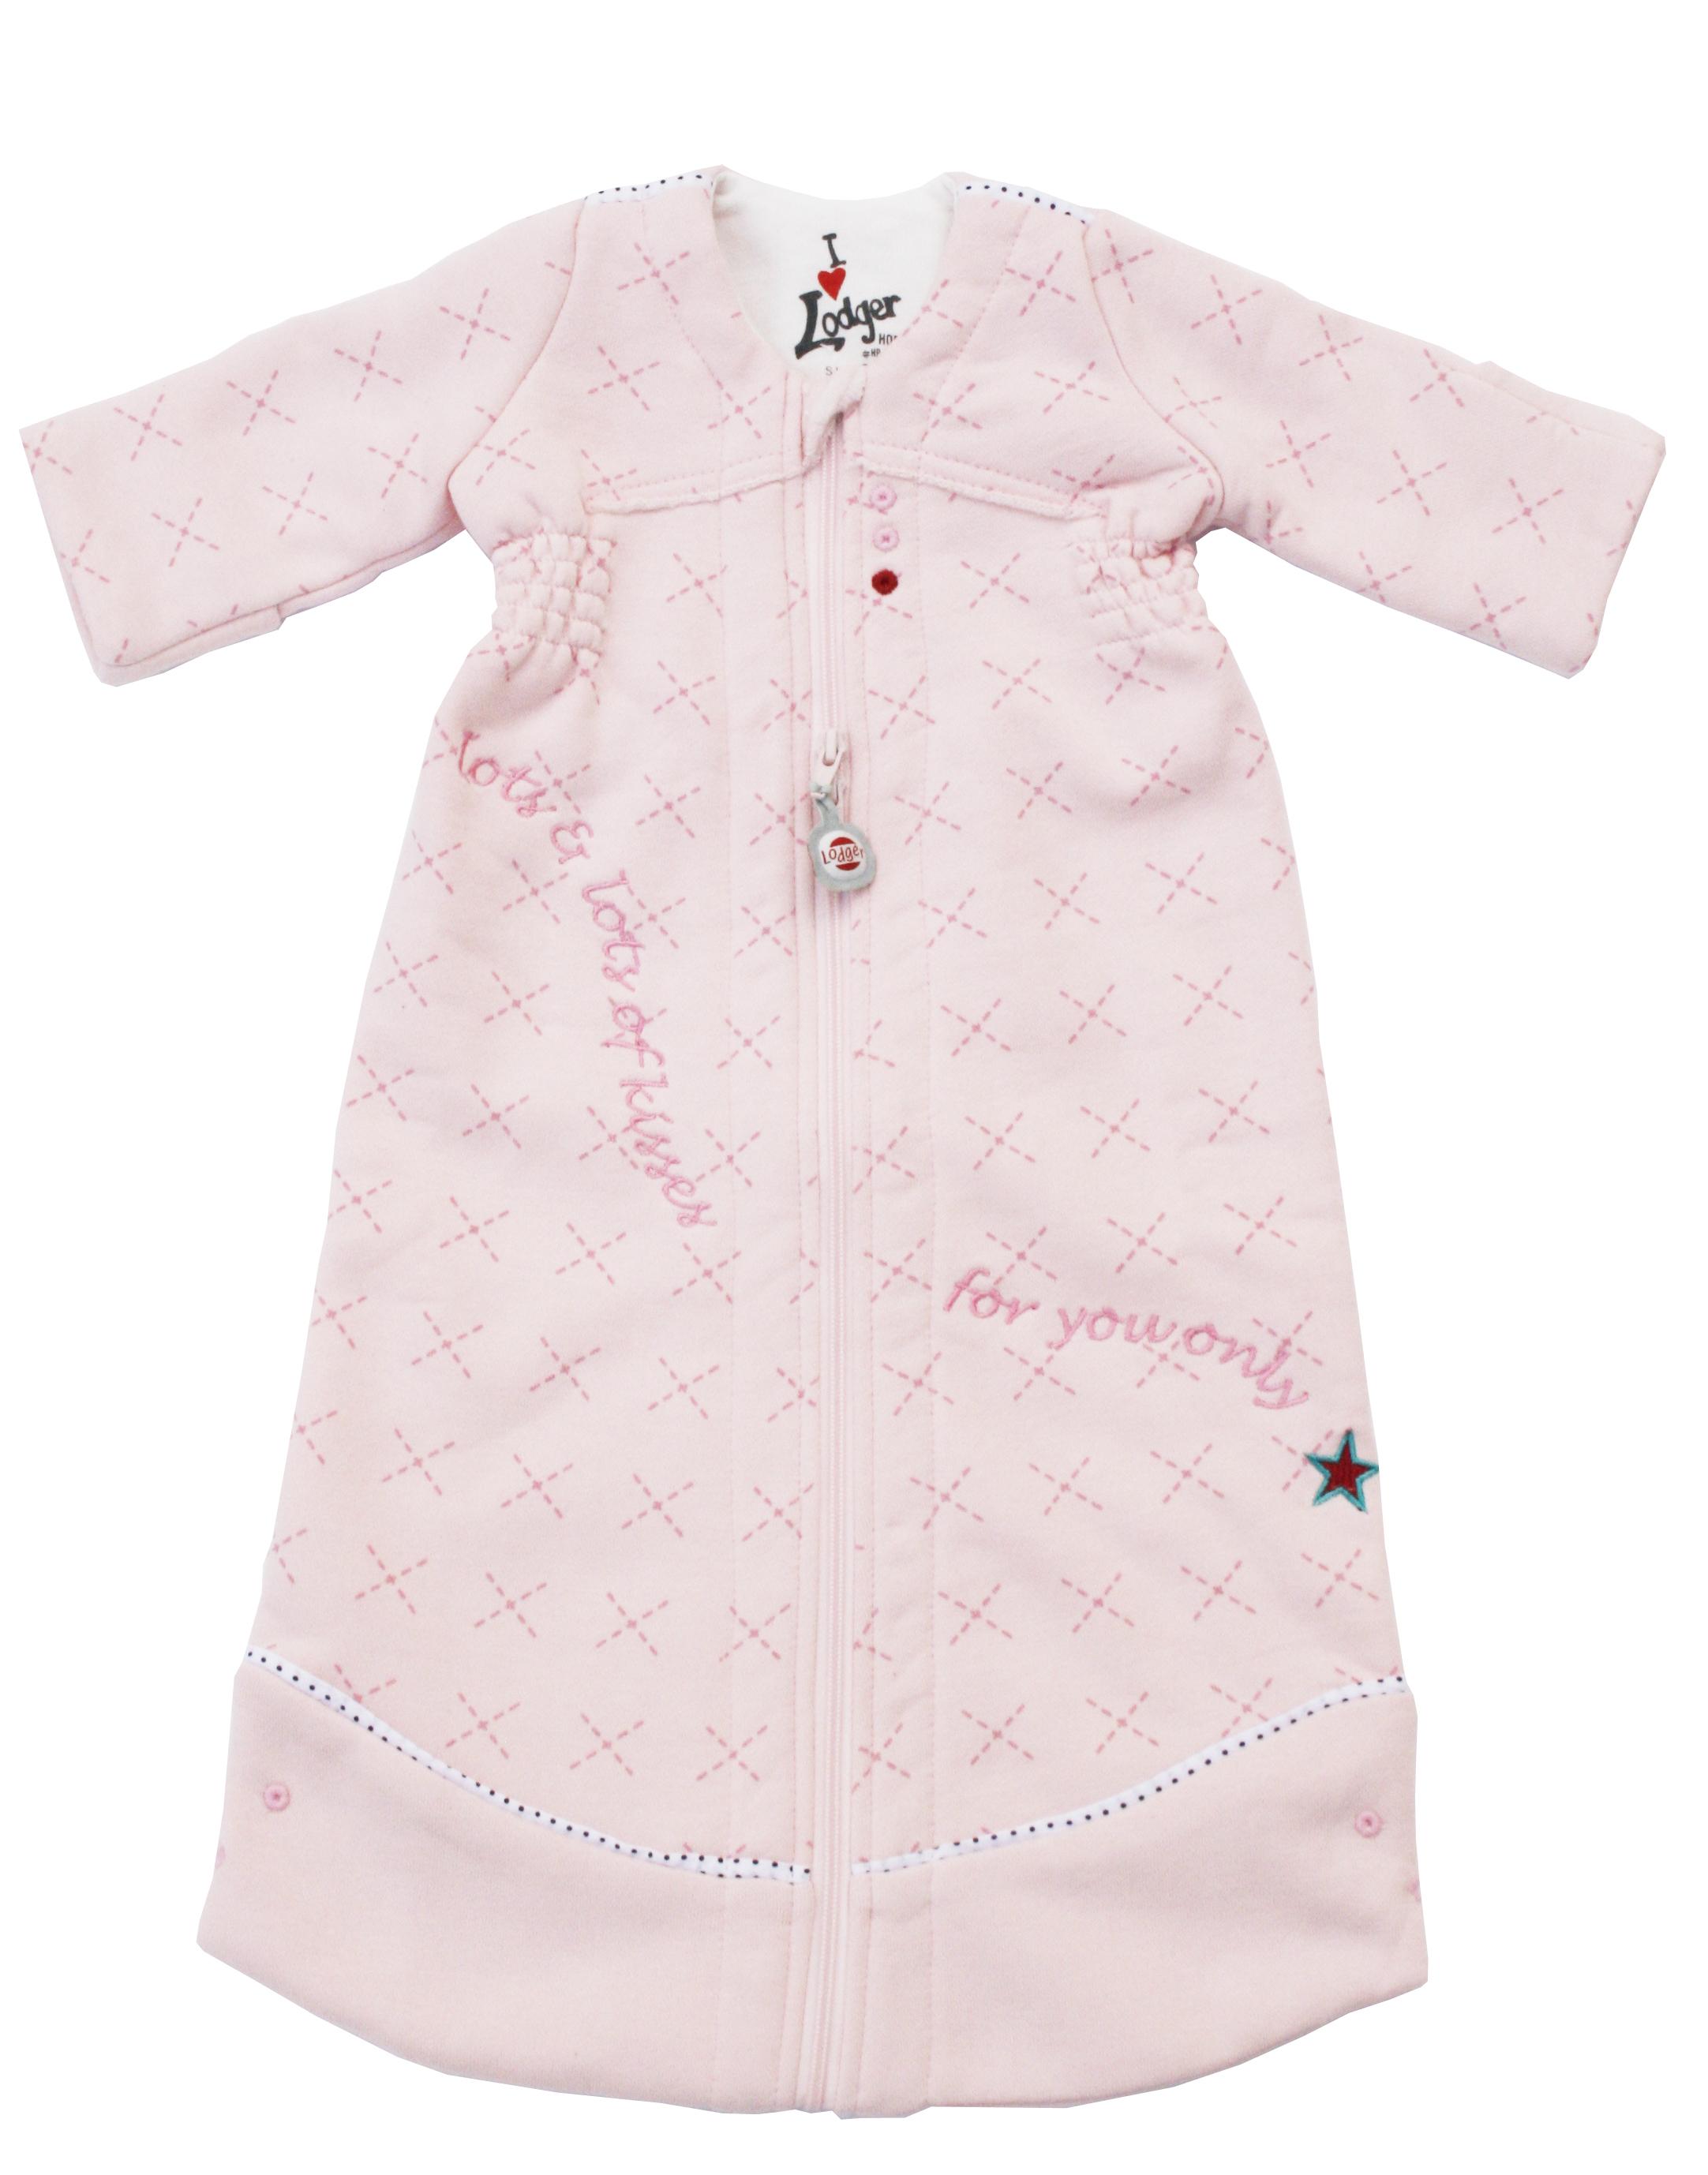 Lodger Hopper guļammaiss ar garām rokām, Blossom, 50/62 HPW 024_50/62 bērnu ietinamā sedziņa